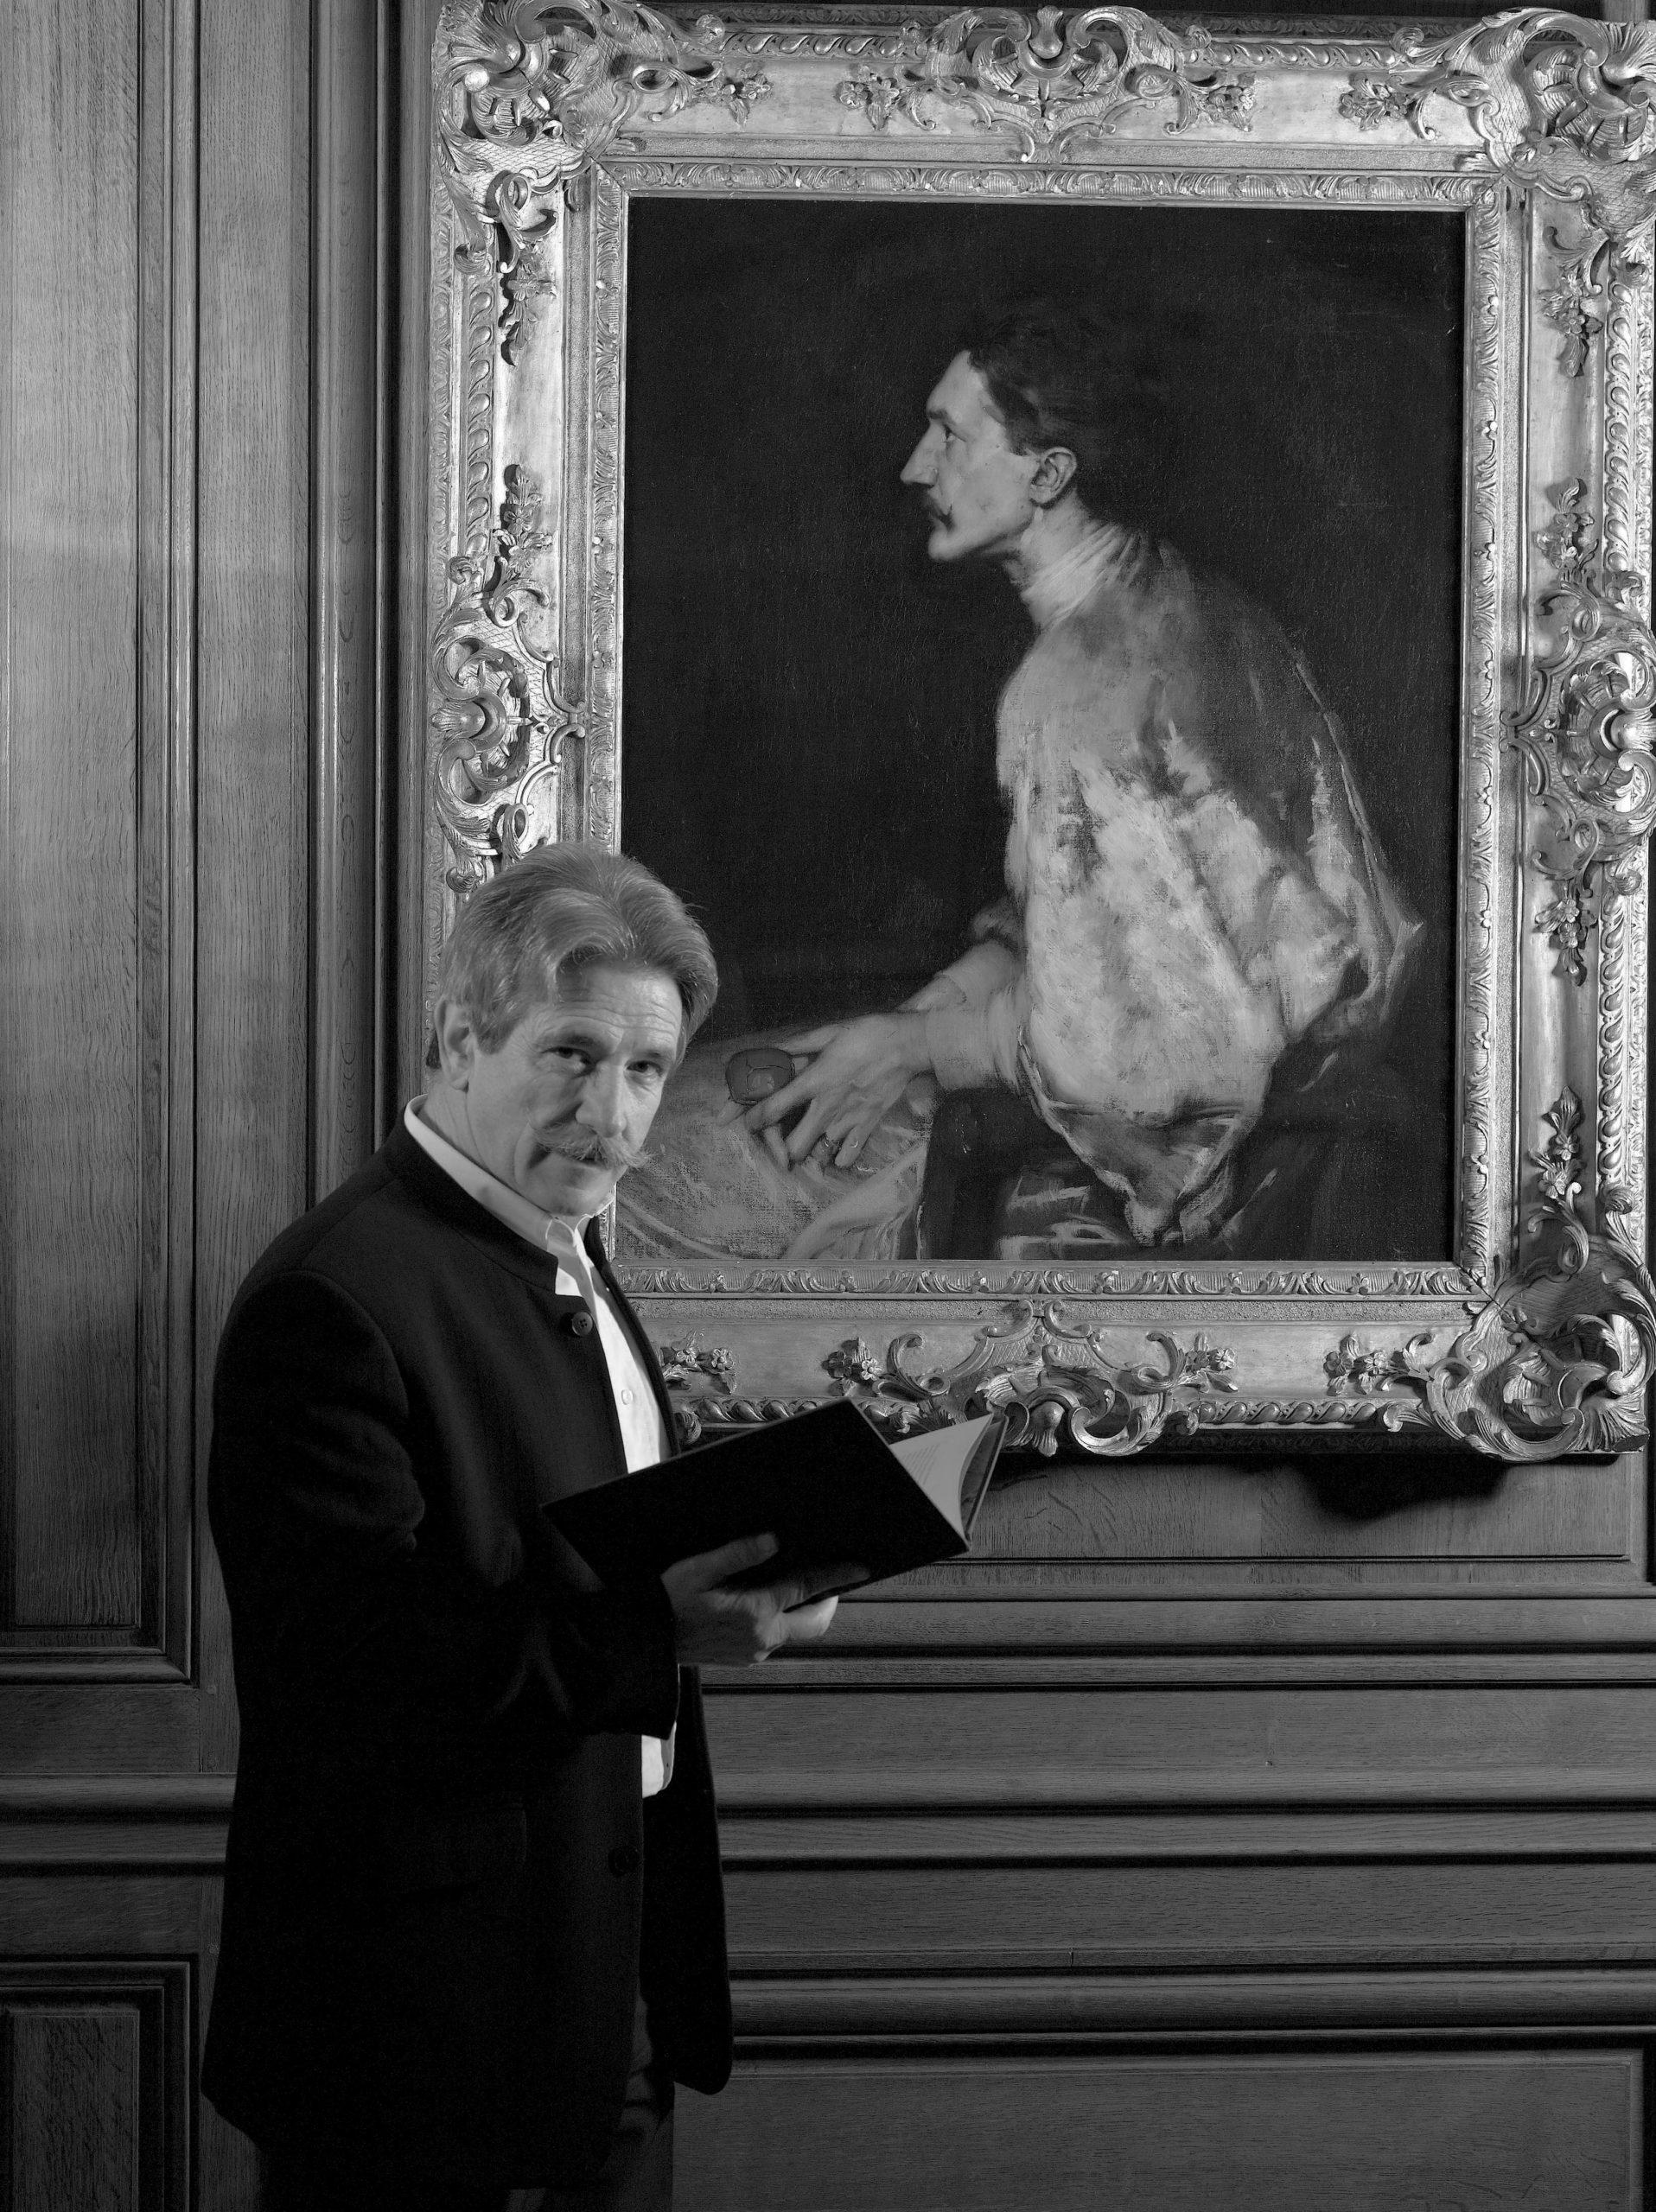 Xavier Mathieu devant le portrait de Montesquiou - Fensenzac - Château d'Azay-le-Ferron, dépot du Musée des Beaux-Arts de Tours © Archives de l'expert